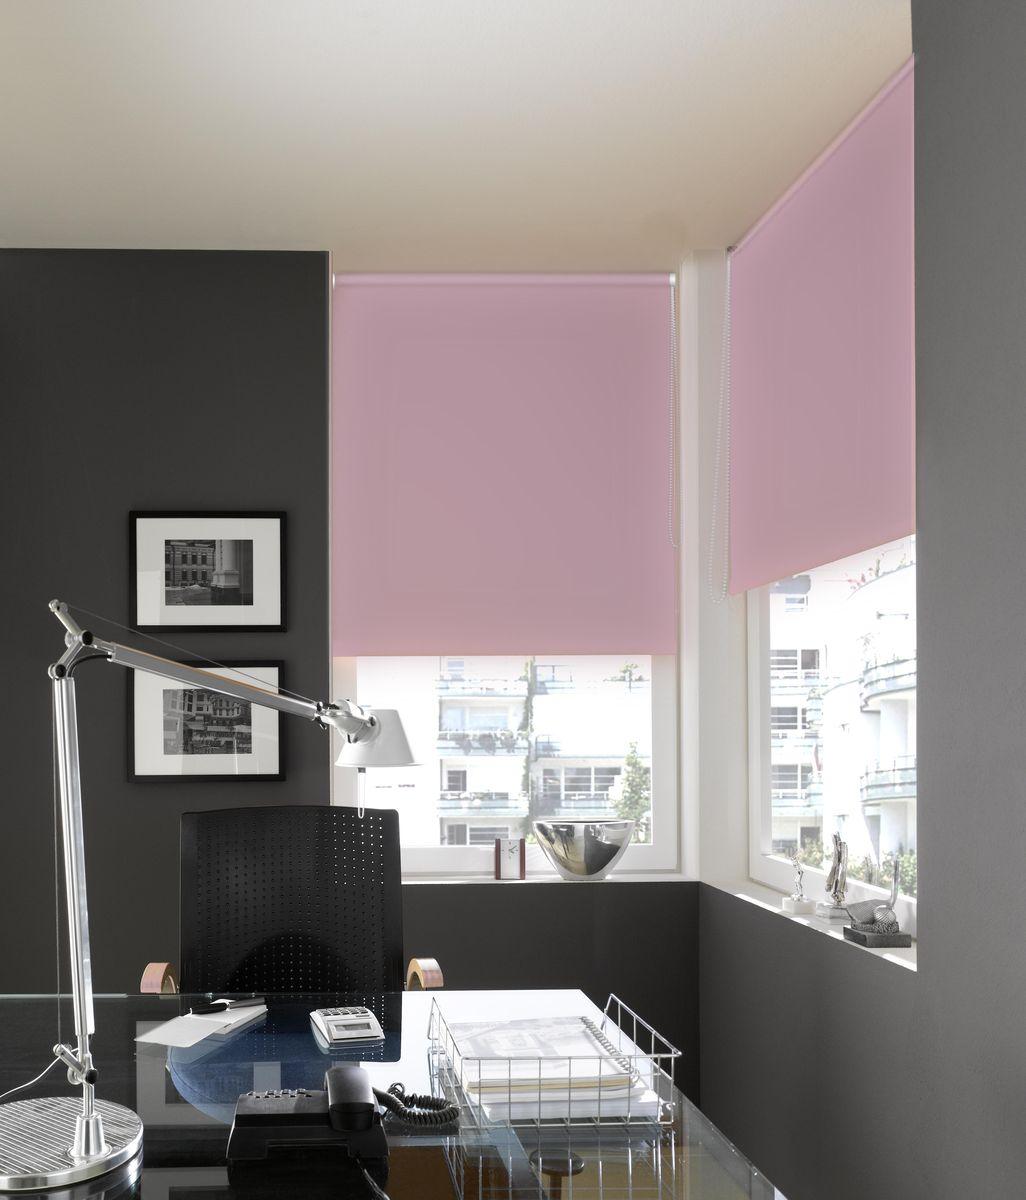 Штора рулонная Эскар Миниролло. Blackout, светонепроницаемые, цвет: розовый, ширина 57 см, высота 170 см34933057170Рулонными шторами Эскар Миниролло. Blackout можно оформлять окна как самостоятельно, так и использовать в комбинации с портьерами. Это поможет предотвратить выгорание дорогой ткани на солнце и соединит функционал рулонных с красотой навесных.Преимущества применения рулонных штор для пластиковых окон:- имеют прекрасный внешний вид: многообразие и фактурность материала изделия отлично смотрятся в любом интерьере; - многофункциональны: есть возможность подобрать шторы способные эффективно защитить комнату от солнца, при этом она не будет слишком темной.- Есть возможность осуществить быстрый монтаж.ВНИМАНИЕ! Размеры ширины изделия указаны по ширине ткани!Во время эксплуатации не рекомендуется полностью разматывать рулон, чтобы не оторвать ткань от намоточного вала.В случае загрязнения поверхности ткани, чистку шторы проводят одним из способов, в зависимости от типа загрязнения: легкое поверхностное загрязнение можно удалить при помощи канцелярского ластика; чистка от пыли производится сухим методом при помощи пылесоса с мягкой щеткой-насадкой; для удаления пятна используйте мягкую губку с пенообразующим неагрессивным моющим средством или пятновыводитель на натуральной основе (нельзя применять растворители).